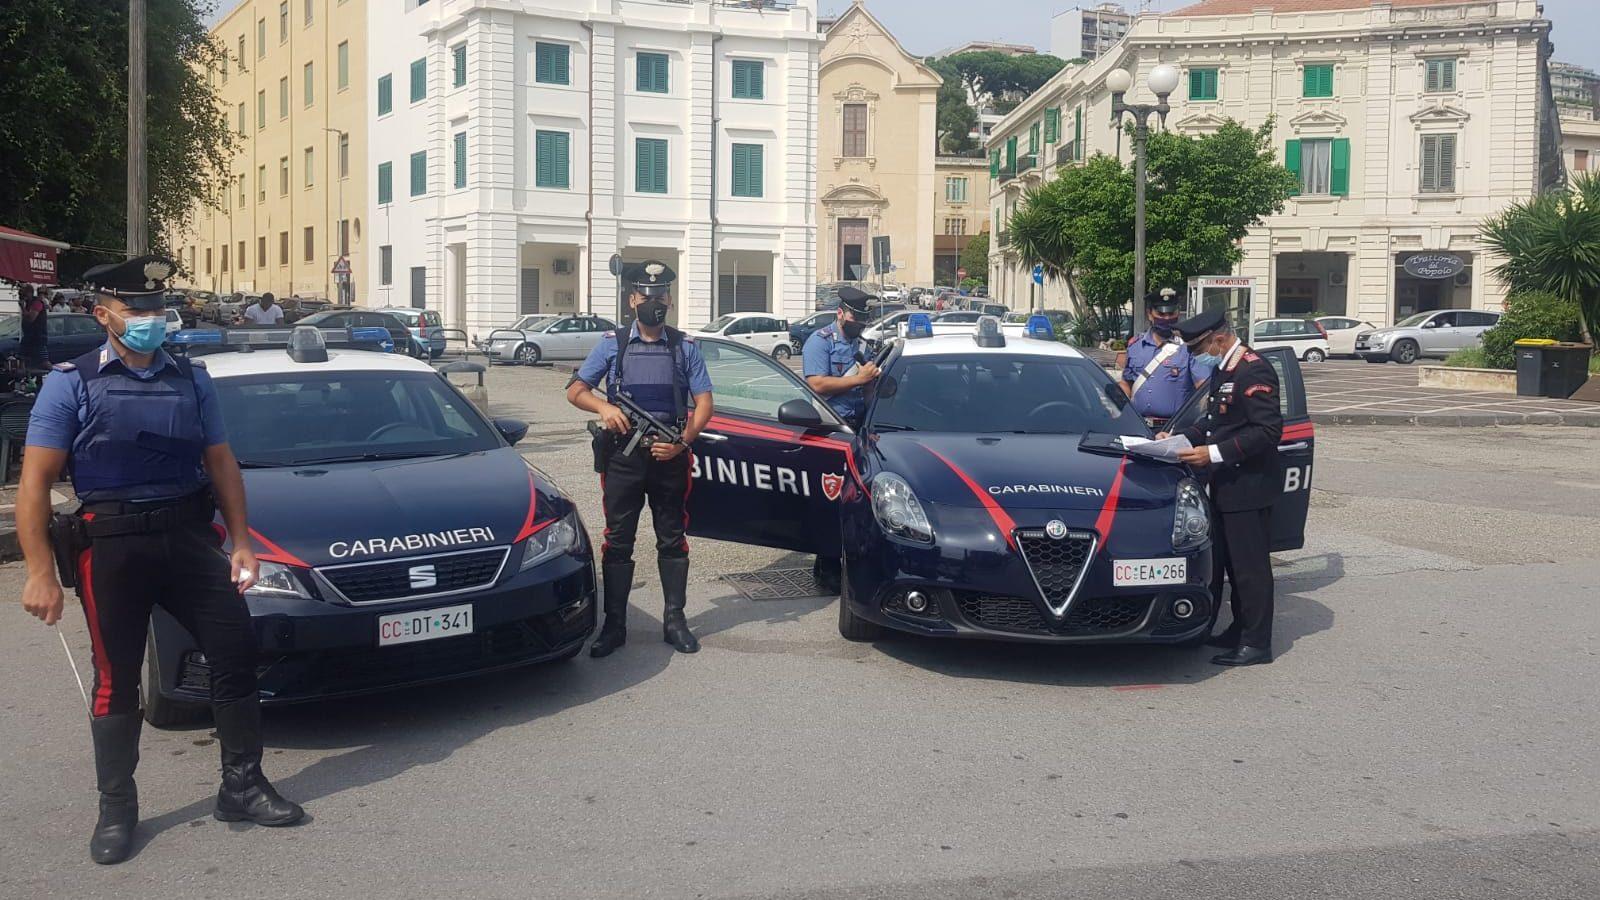 carabinieri a messina a piazza lo sardo dopo un tentato omicidio